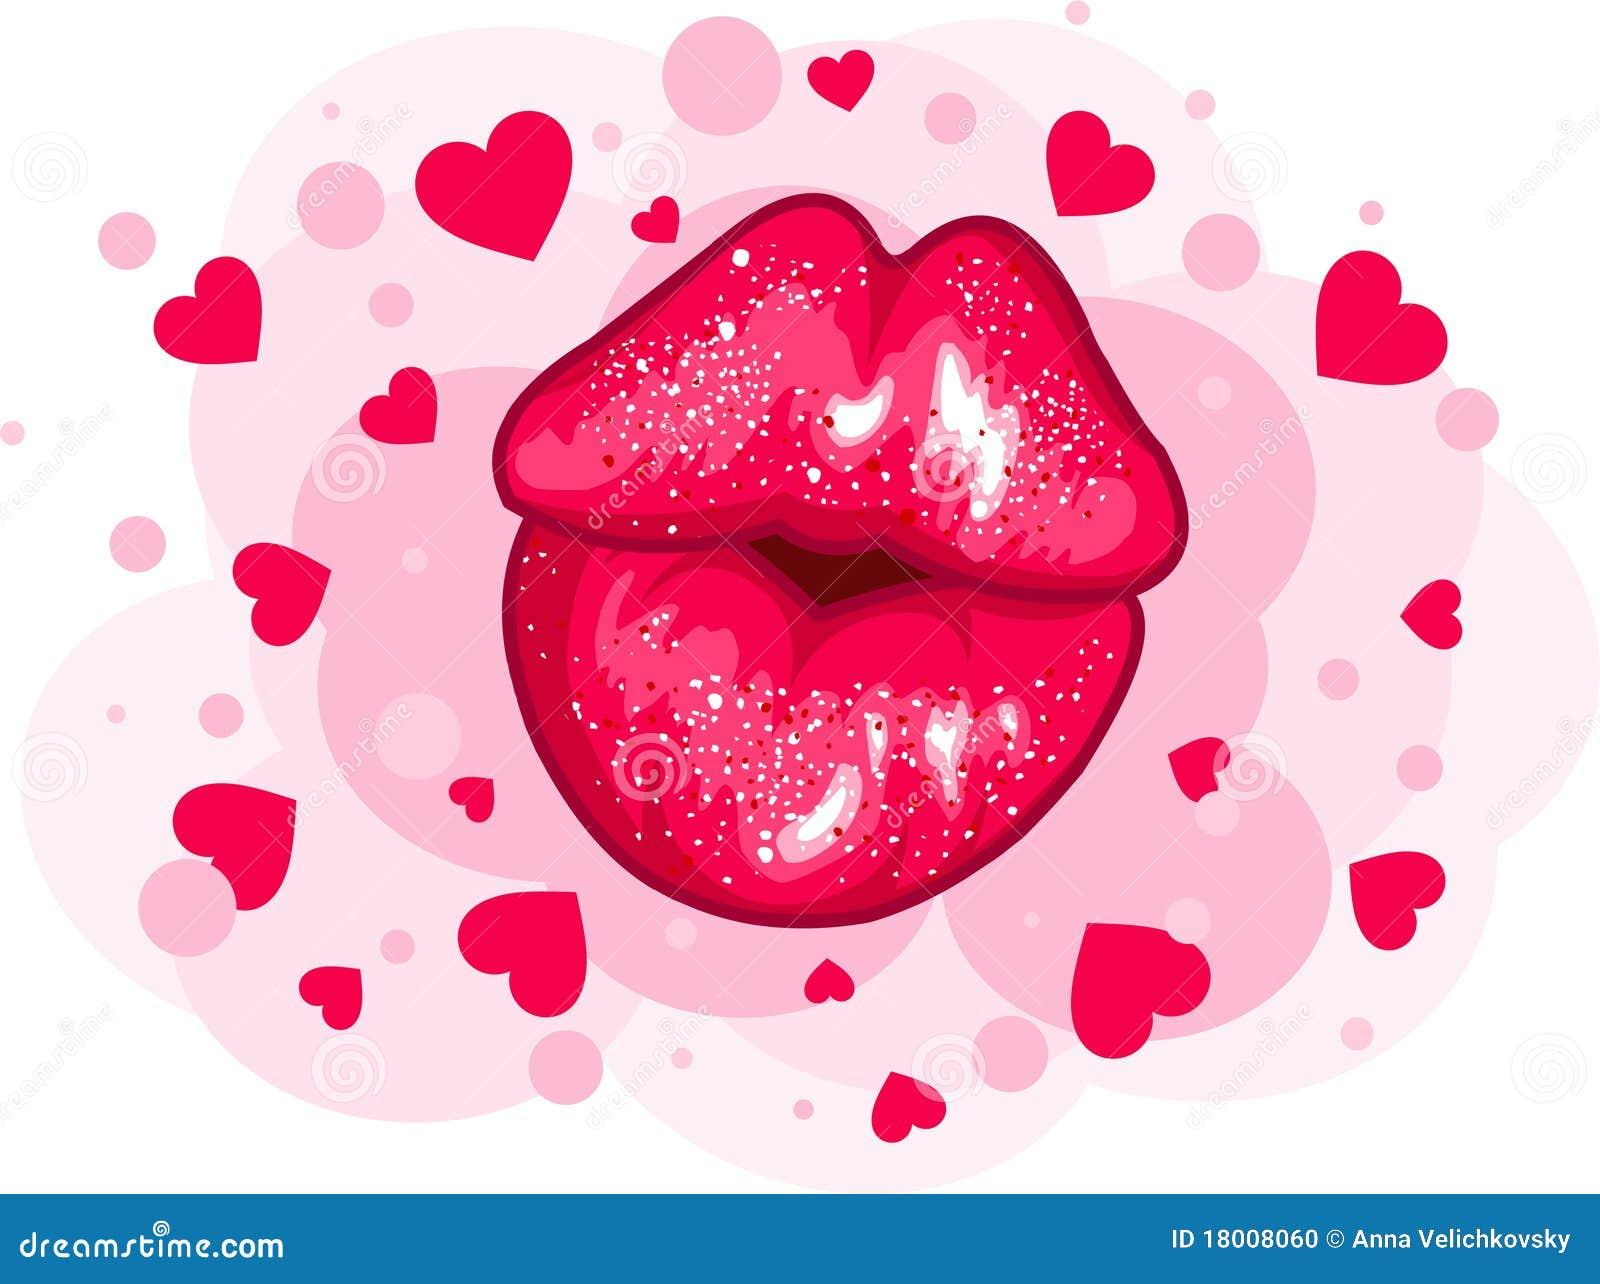 Linda kiss in la contessa e l039orfanella